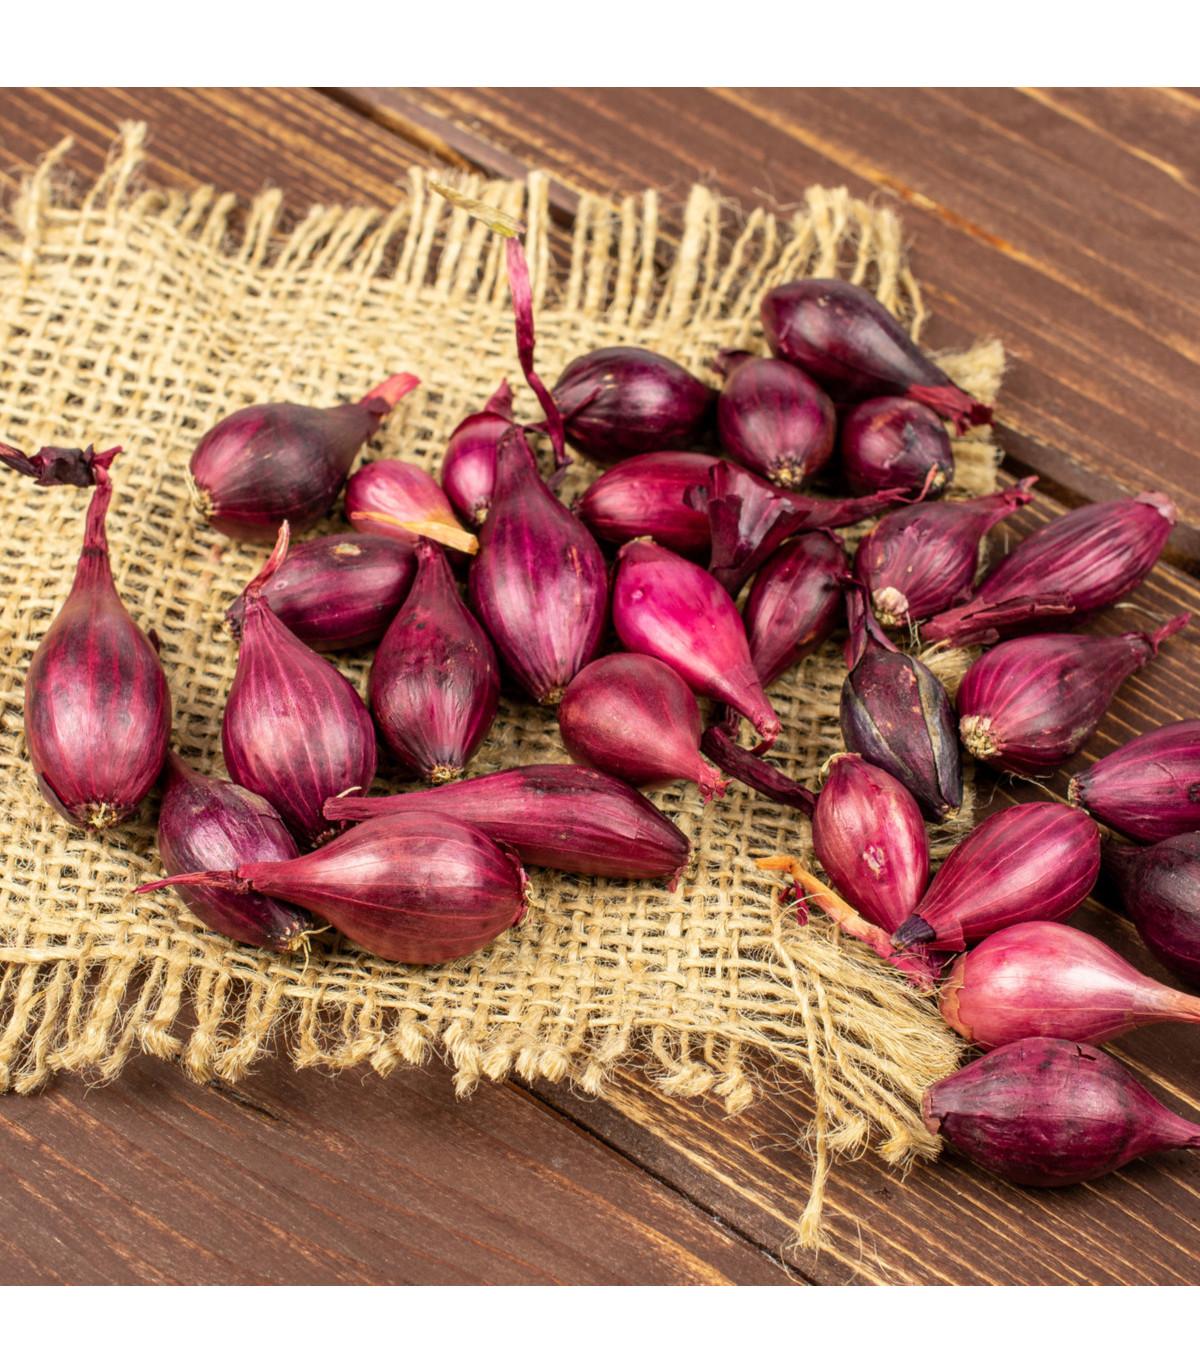 Cibule sazečka ozimá Rolein - Allium cepa - cibulky sazečky - 500 g